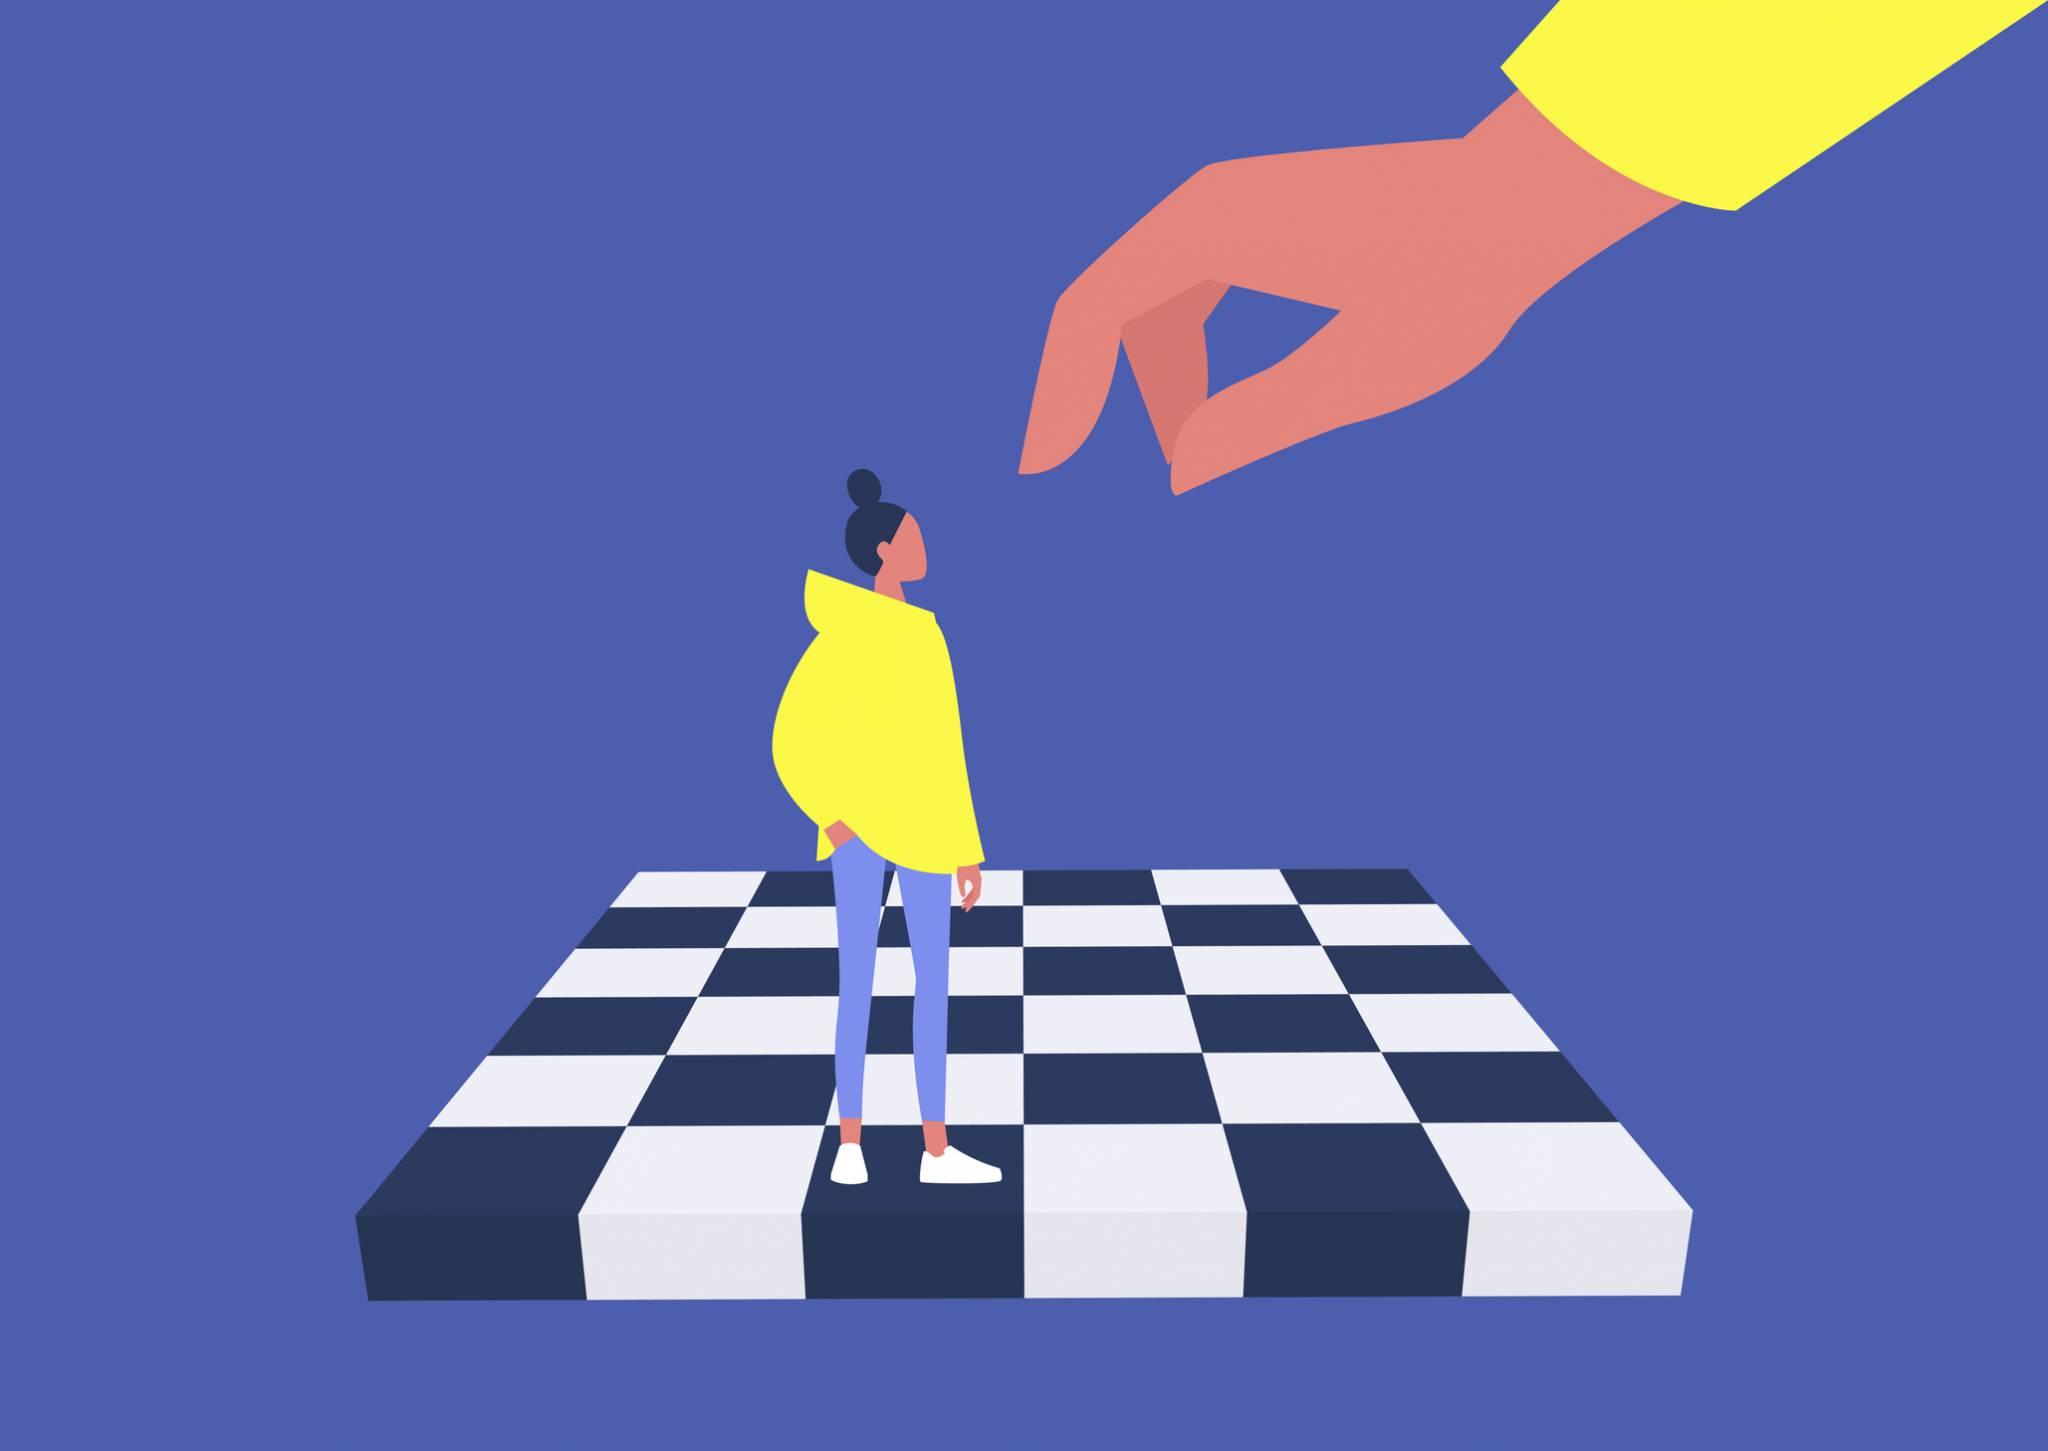 Jak rozpoznać manipulację?